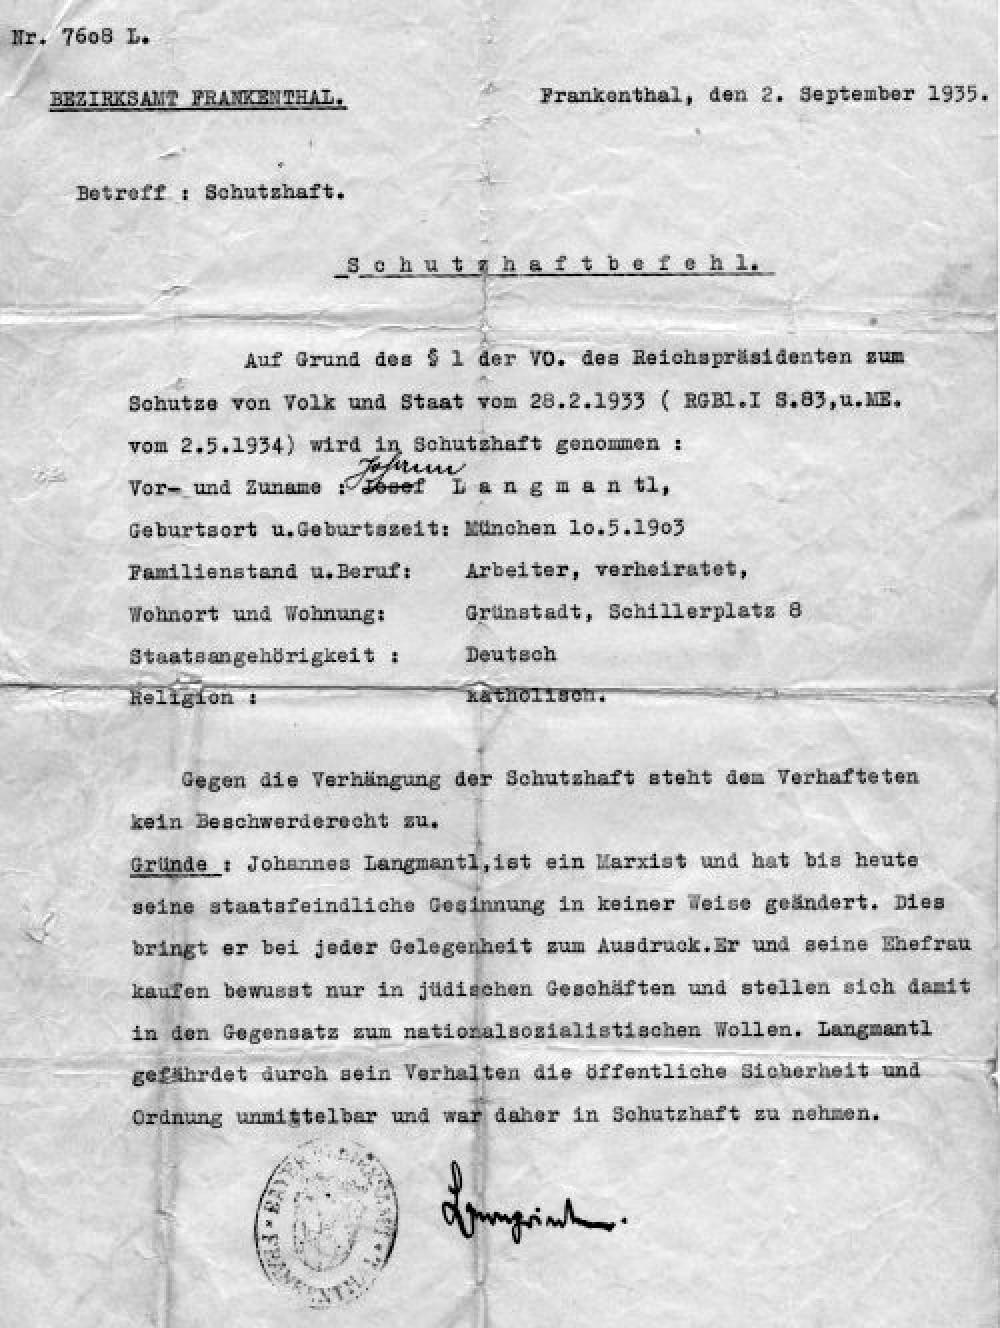 Schutzhaftbefehl im faschistischen Deutschland